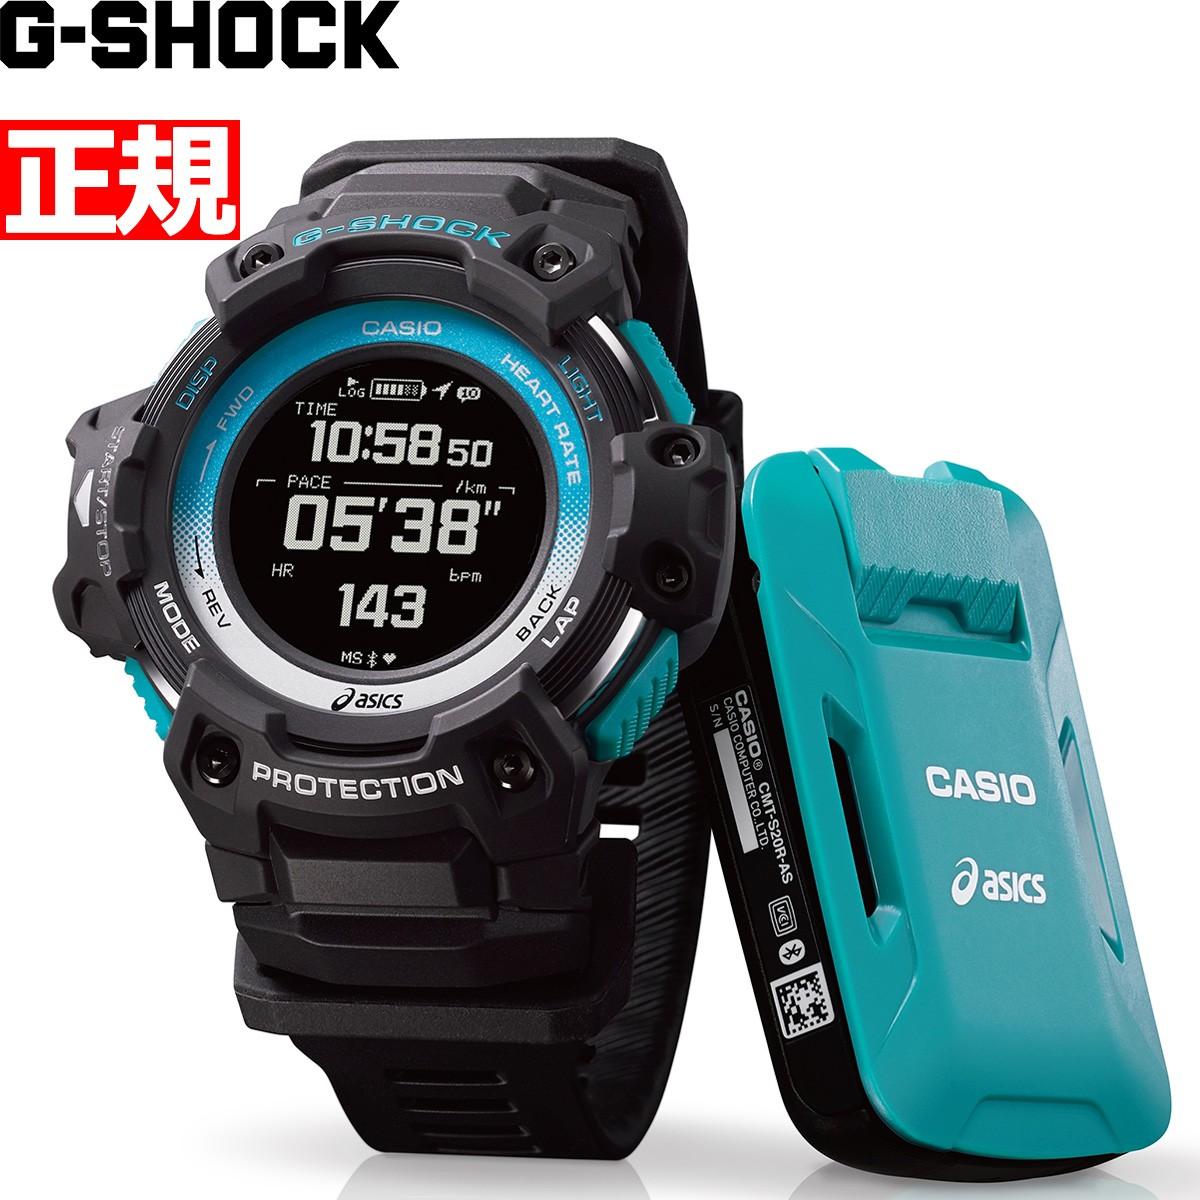 カシオ Gショック CASIO G-SHOCK × アシックス ASICS モーションセンサーセット Runmetrix ランニングウォッチ 腕時計 メンズ モバイルリンク GSR-H1000AS-SET